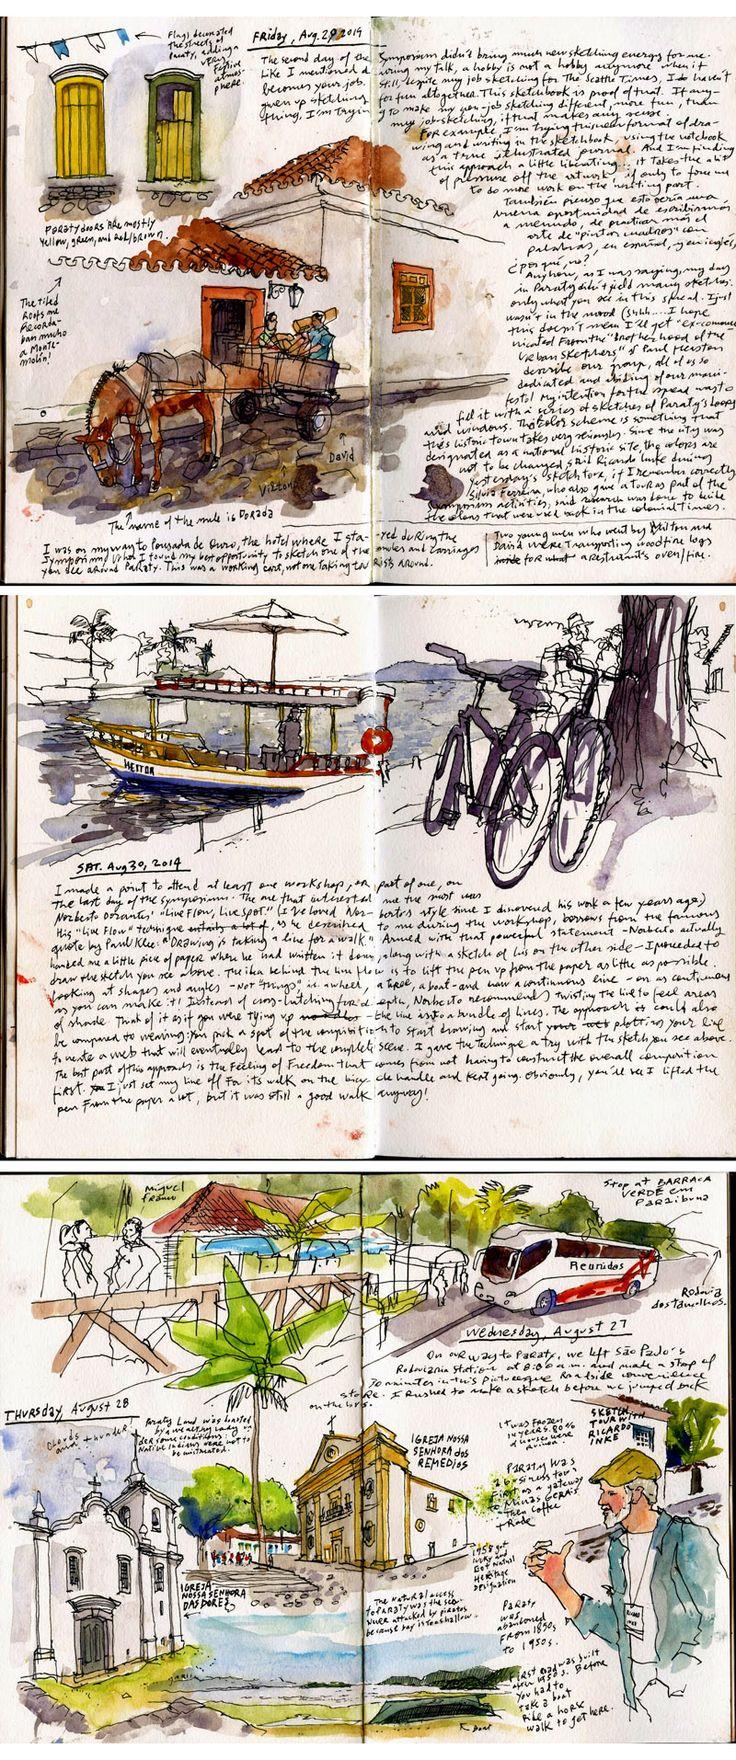 urbansketchers :: By Gabi Campanario in Paraty, Brazil #urban #sketch #travel #journal http://www.urbansketchers.org/2015/01/flashback-to-paraty.html?m=1